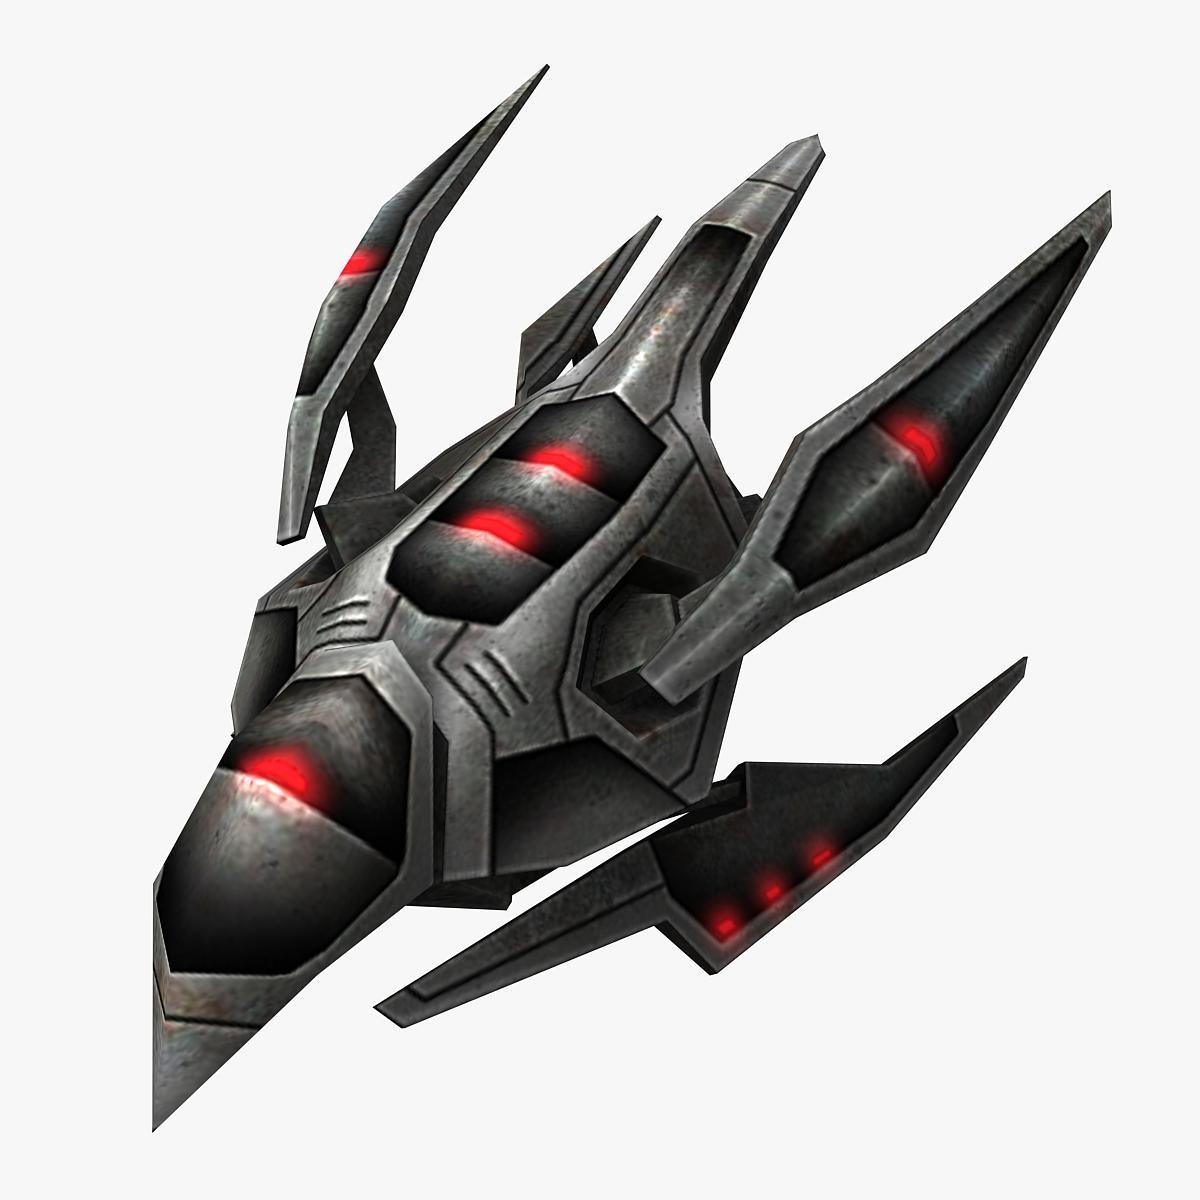 alien_fighter_1_preview_0.jpg